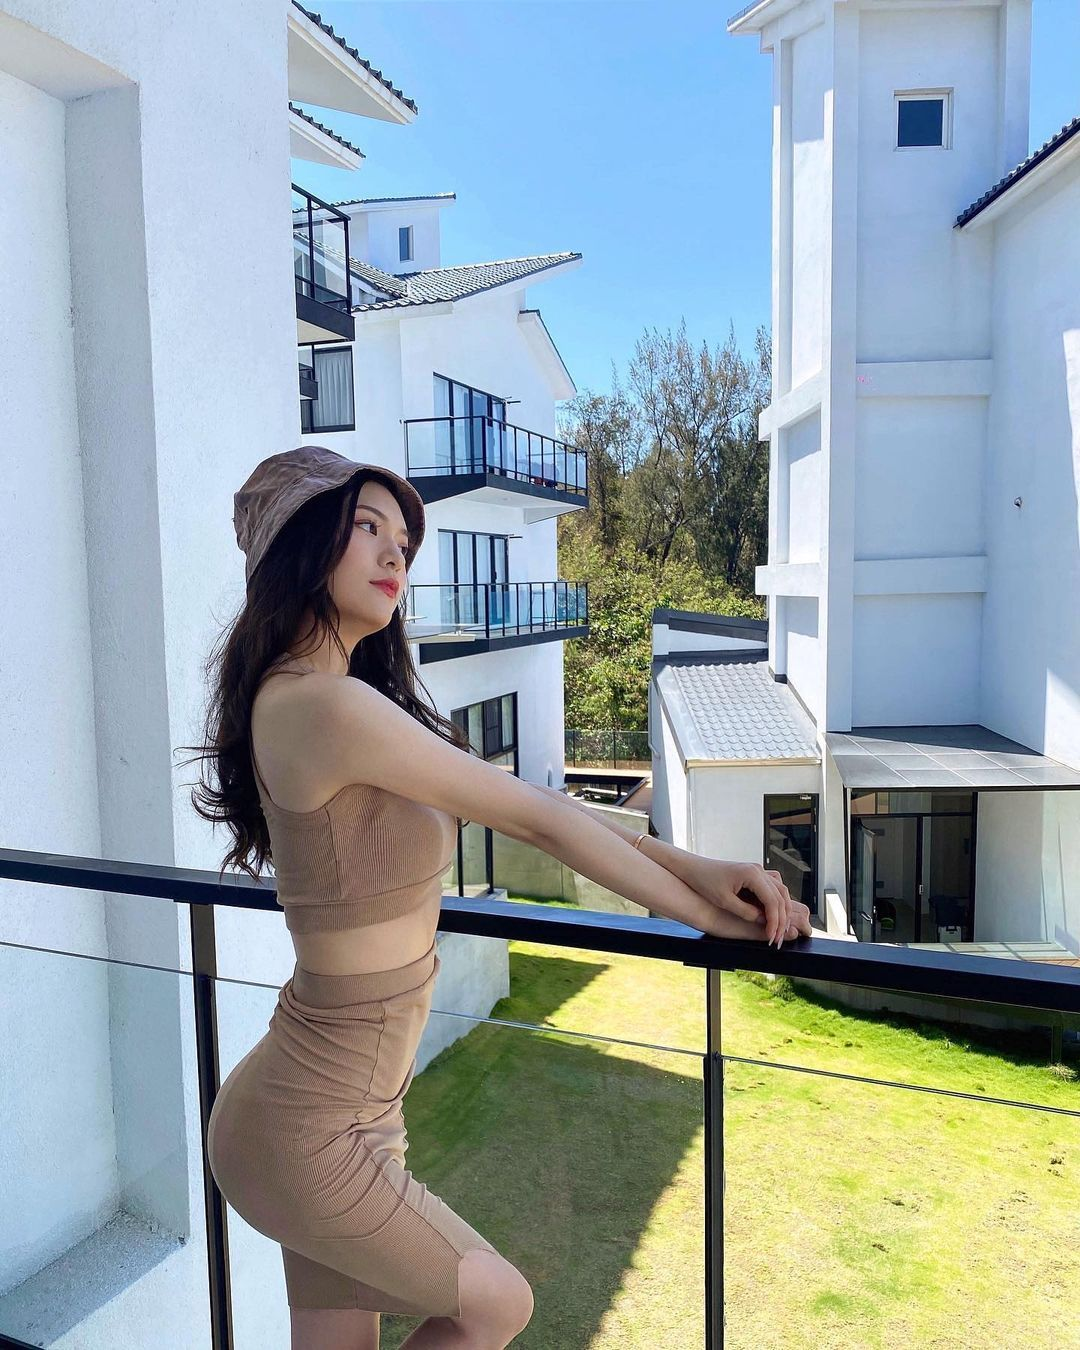 超正白富美!「Lillian Chen」脸蛋甜美身材火辣,穿搭气质漂亮还不忘性感!插图(3)